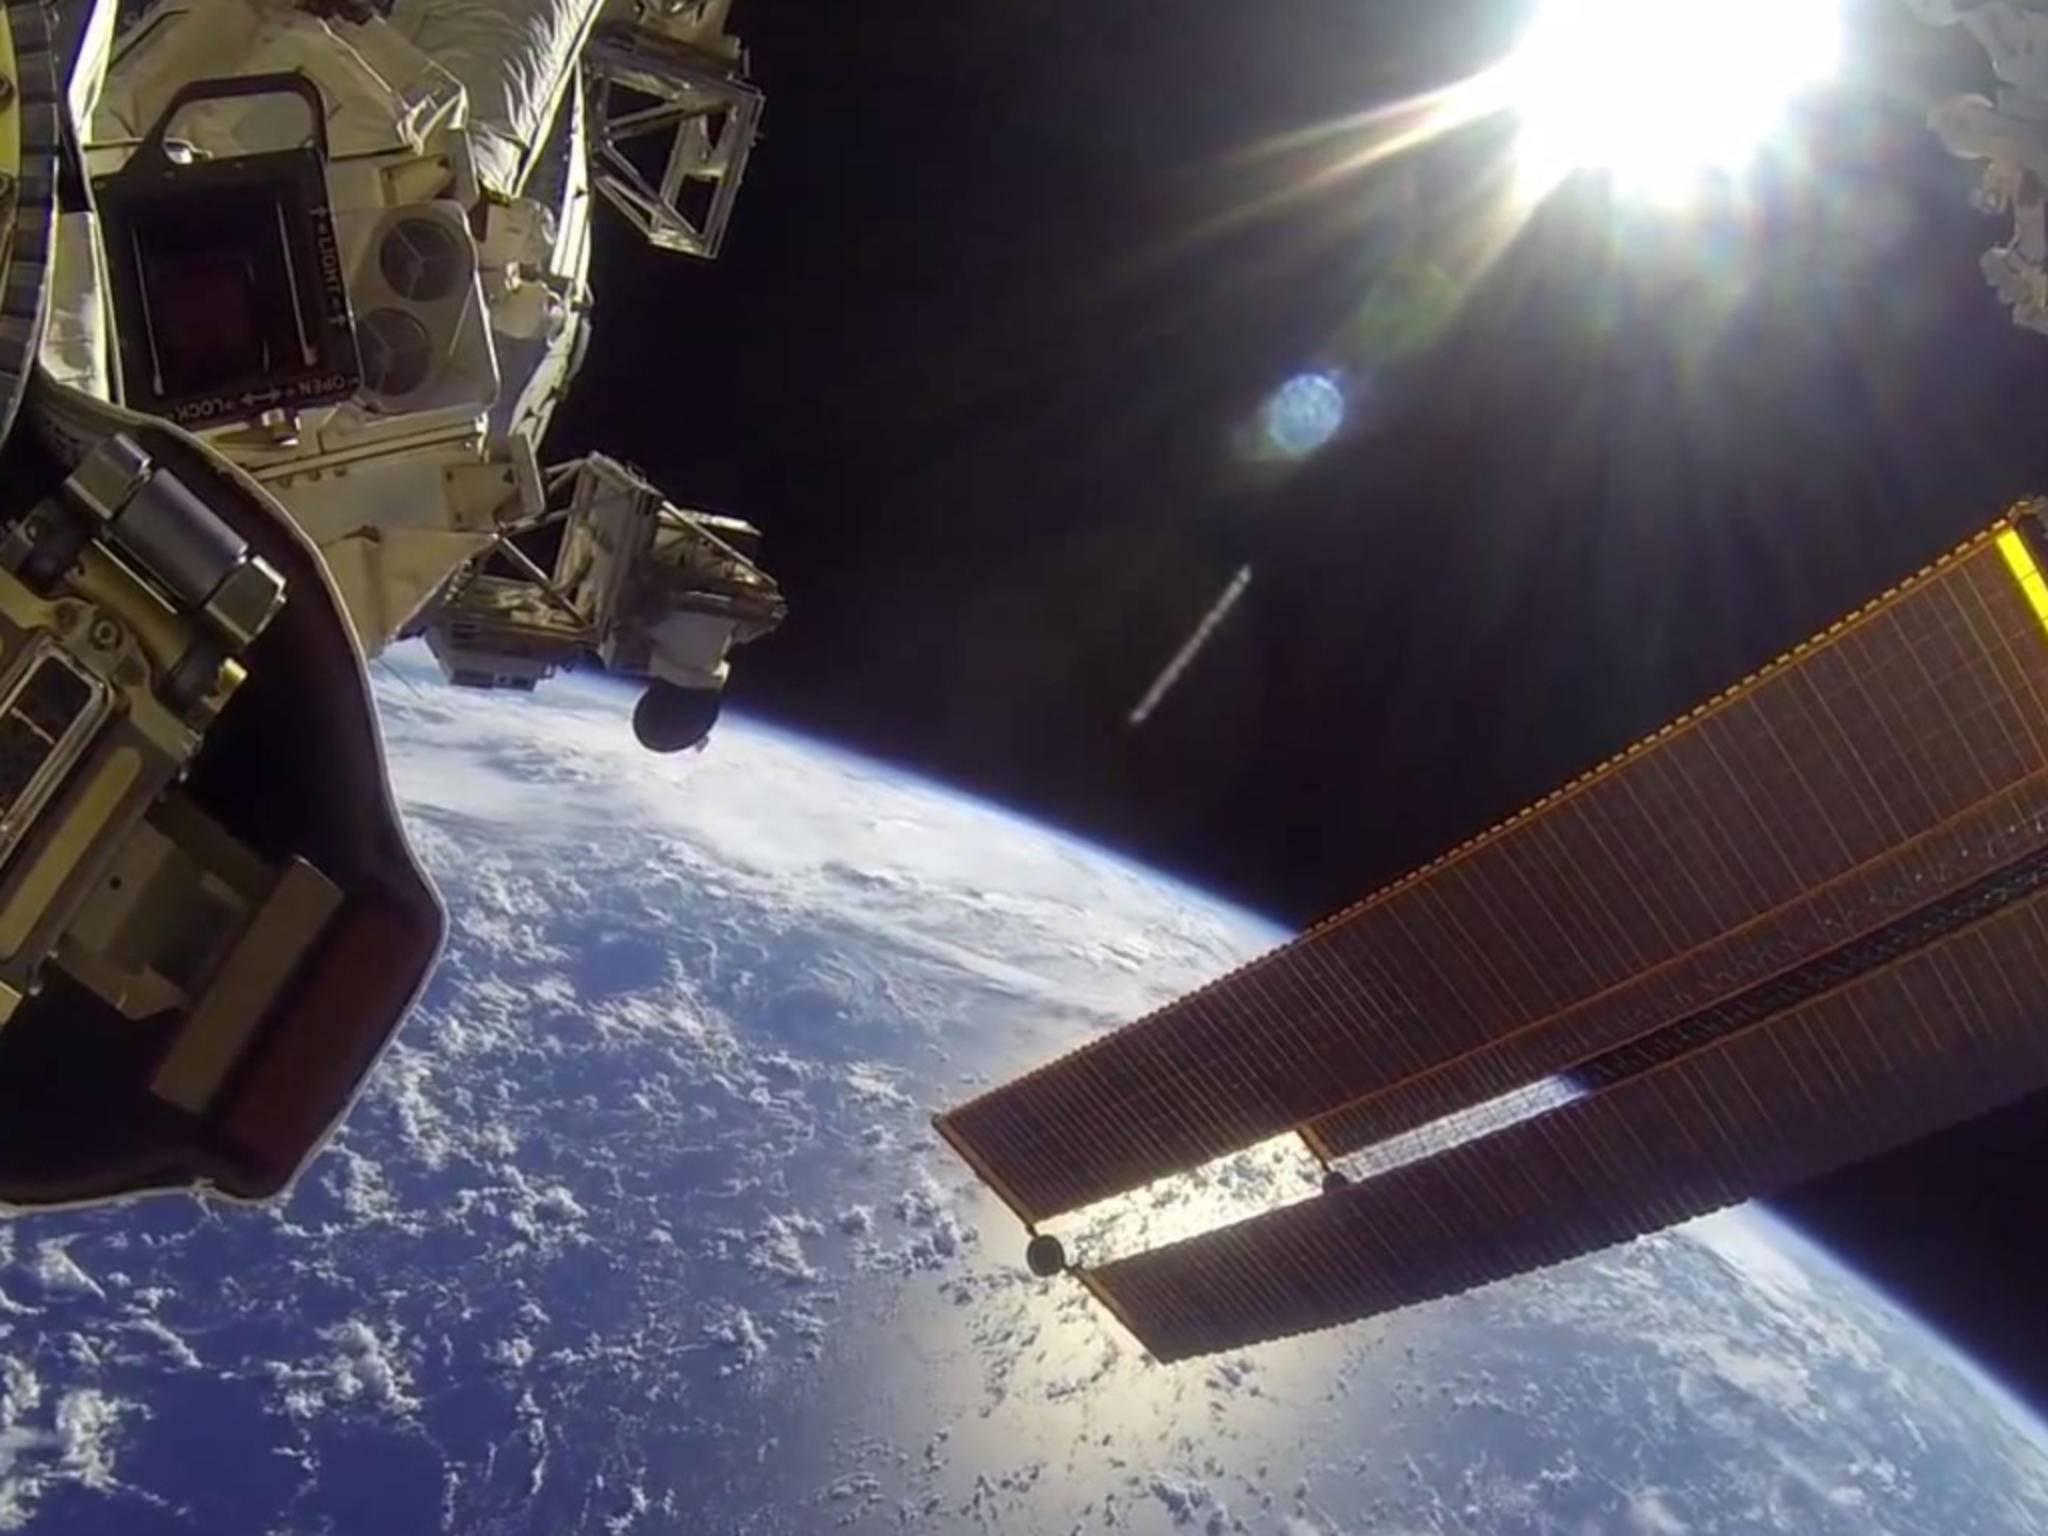 Die GoPro-Kameras liefern beeindruckende Aufnahmen aus dem Weltall.